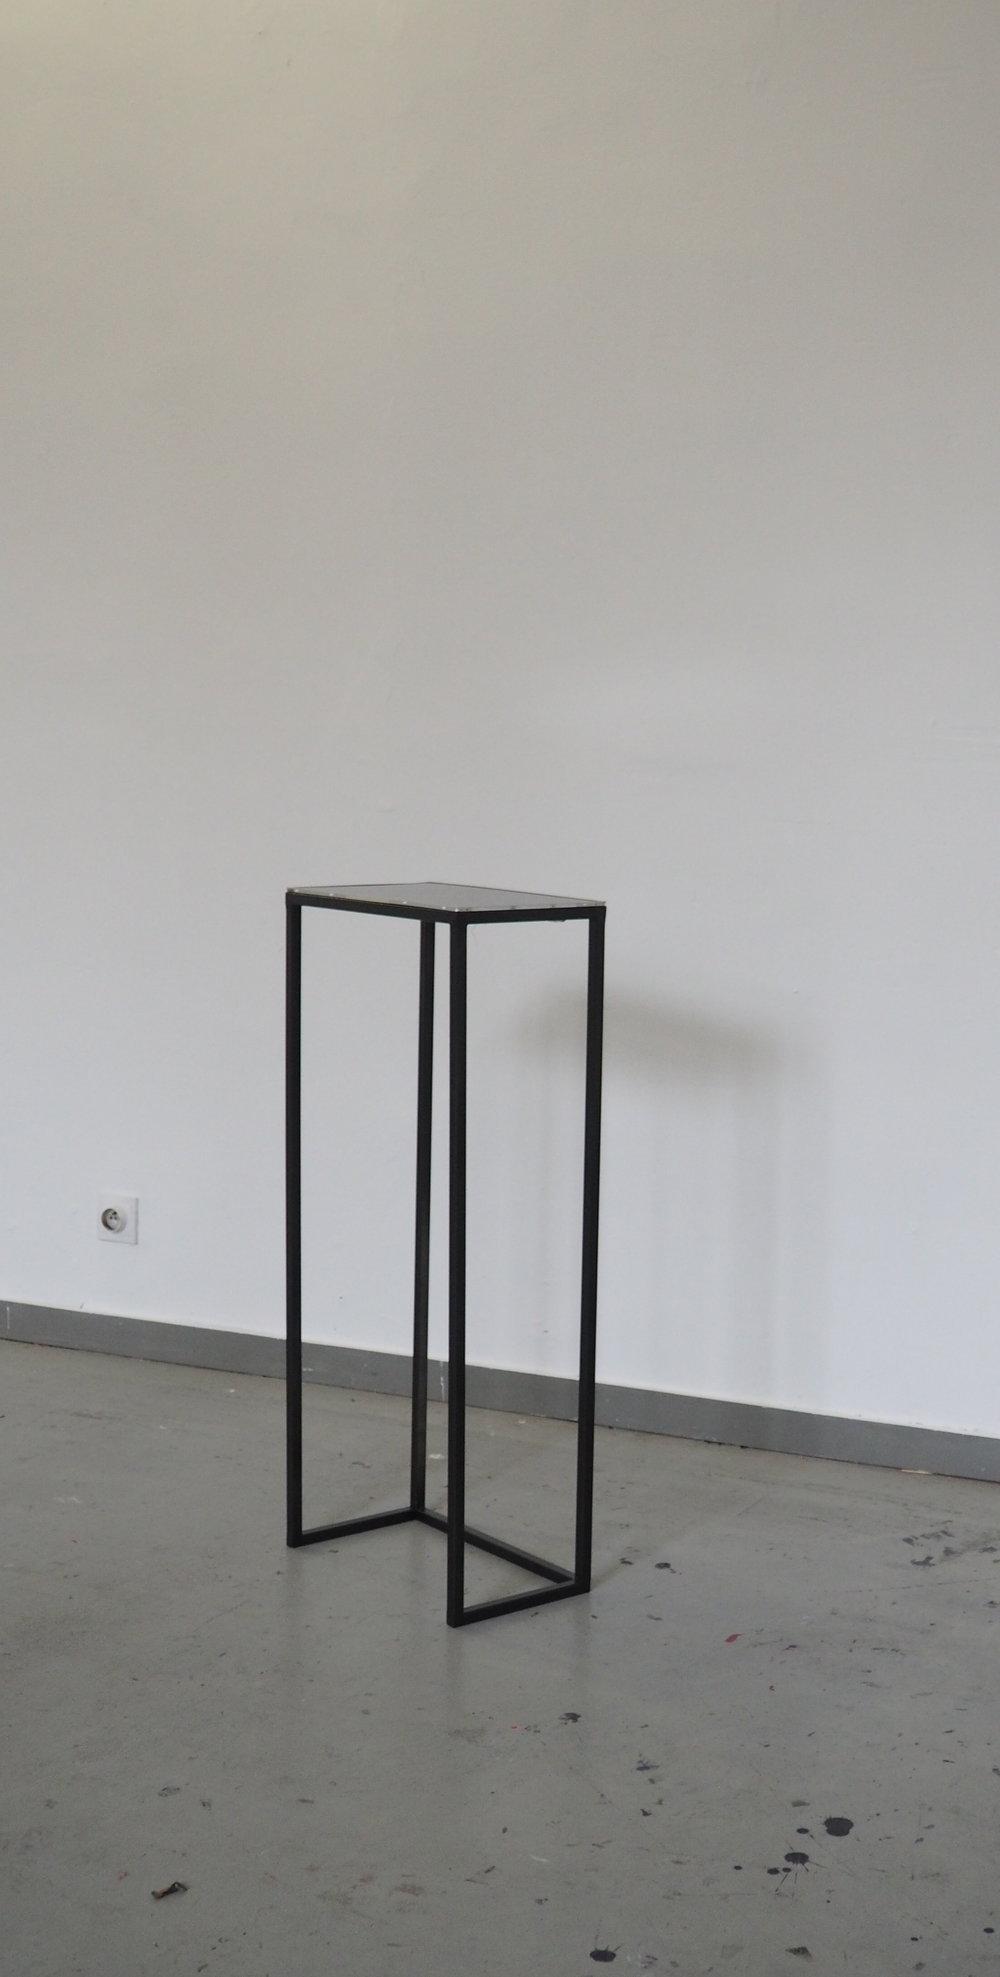 Socle acier et dalle LCD sur lequel est présenté la vidéo